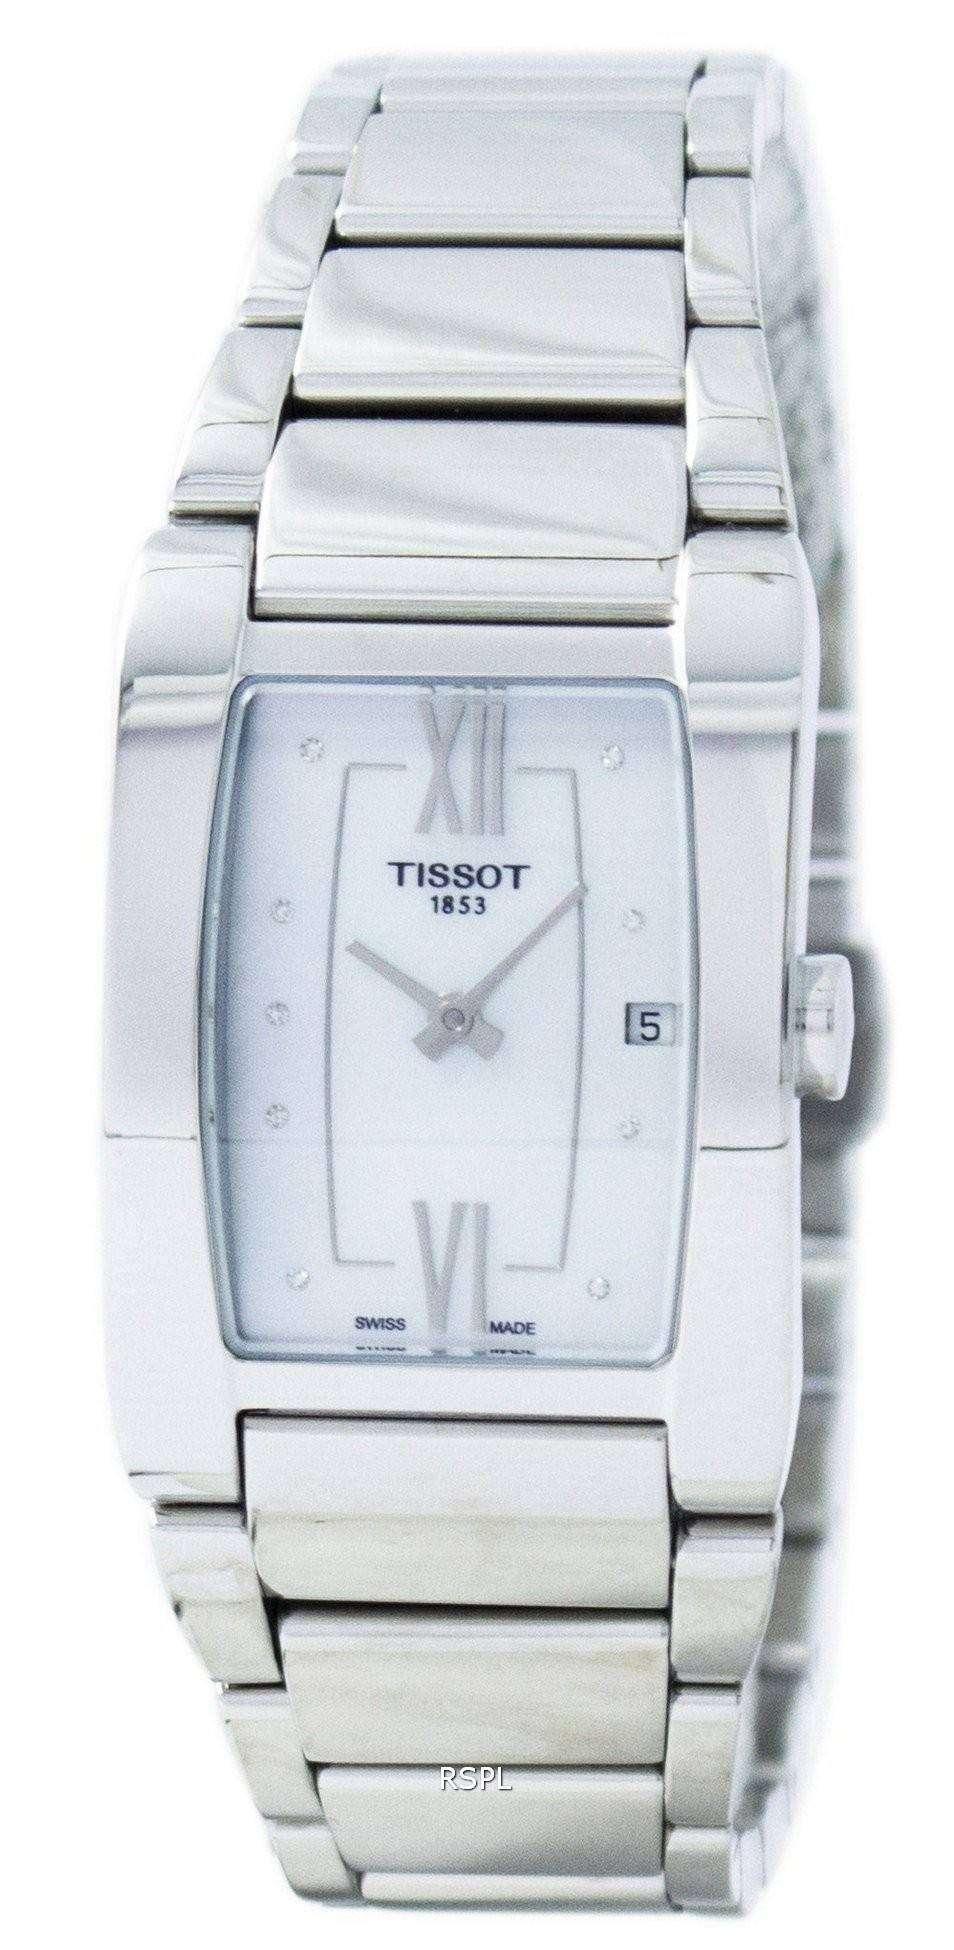 ティソ Generosi T 水晶ダイヤモンド アクセント T105.309.11.116.00 T1053091111600 レディース腕時計